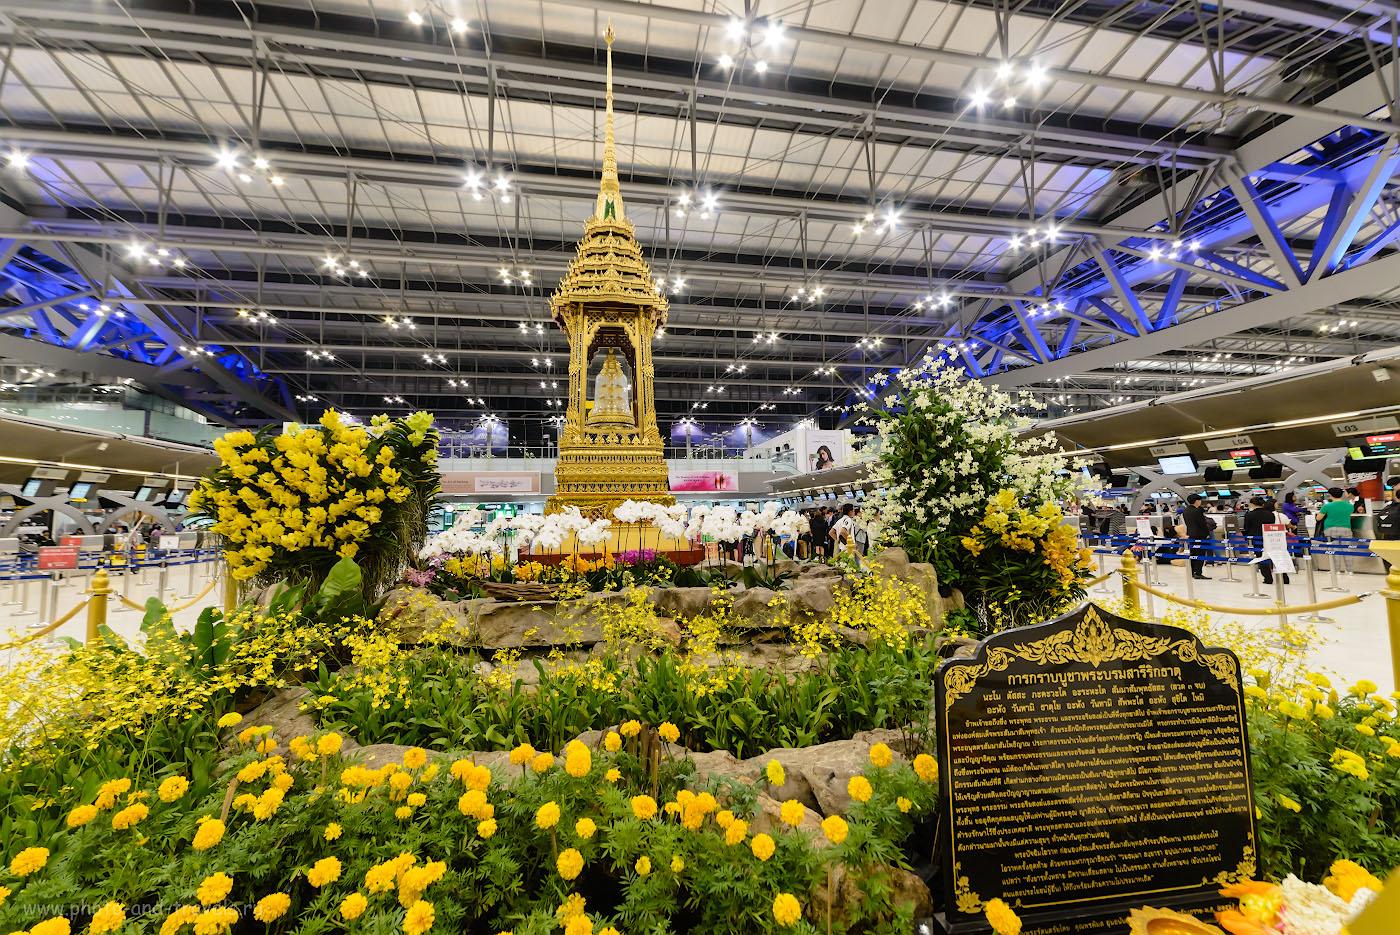 Фото 23. Нарядные клумбы в аэропорту Суварнабхуми (Suvarnabhumi Airport (BKK)) в Бангкоке. Так мы завершили путешествие по Китаю и Таиланду в октябре 2017 года. Камера Nikon D610, широкоугольный объектив Samyang 14mm f/2.8. Параметры съемки: 1/30, +0.33, 8.0, 1800, 14.